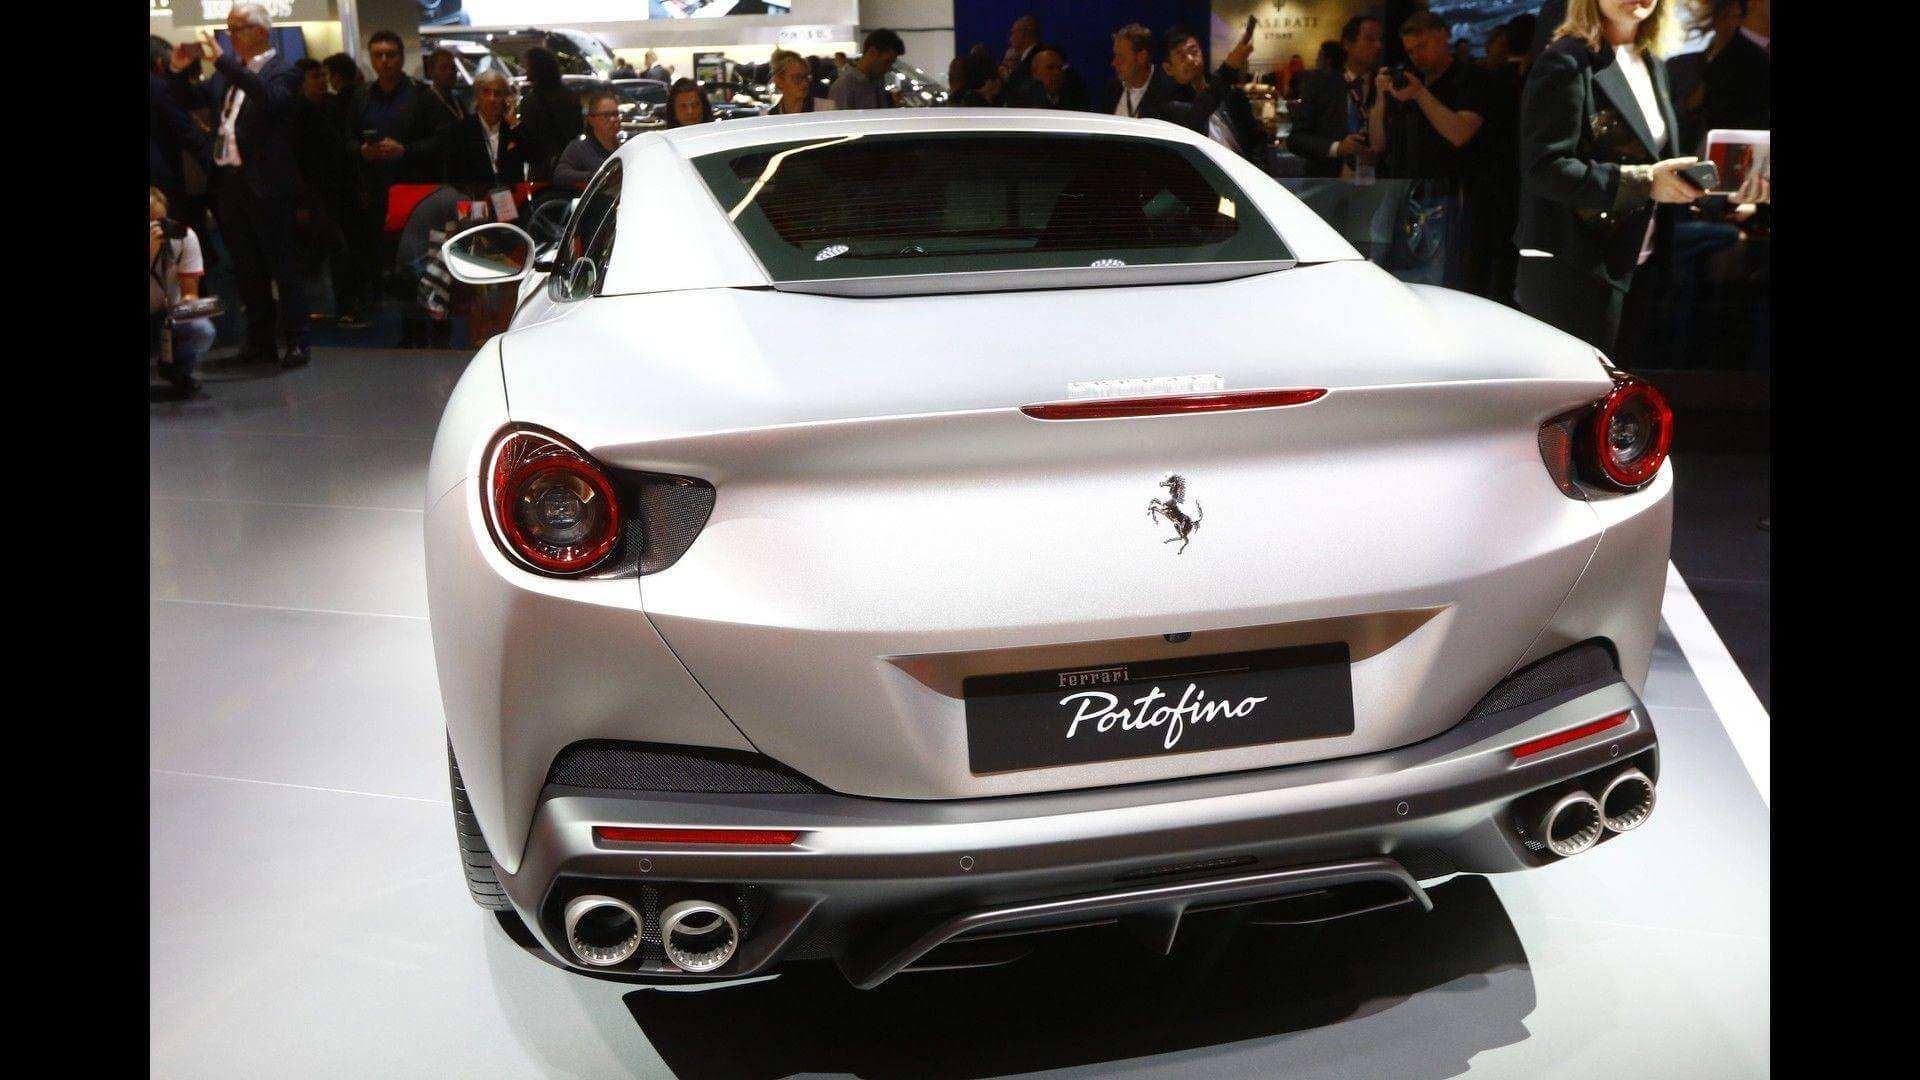 80 Gallery of The 2019 White Ferrari Spesification Price with The 2019 White Ferrari Spesification